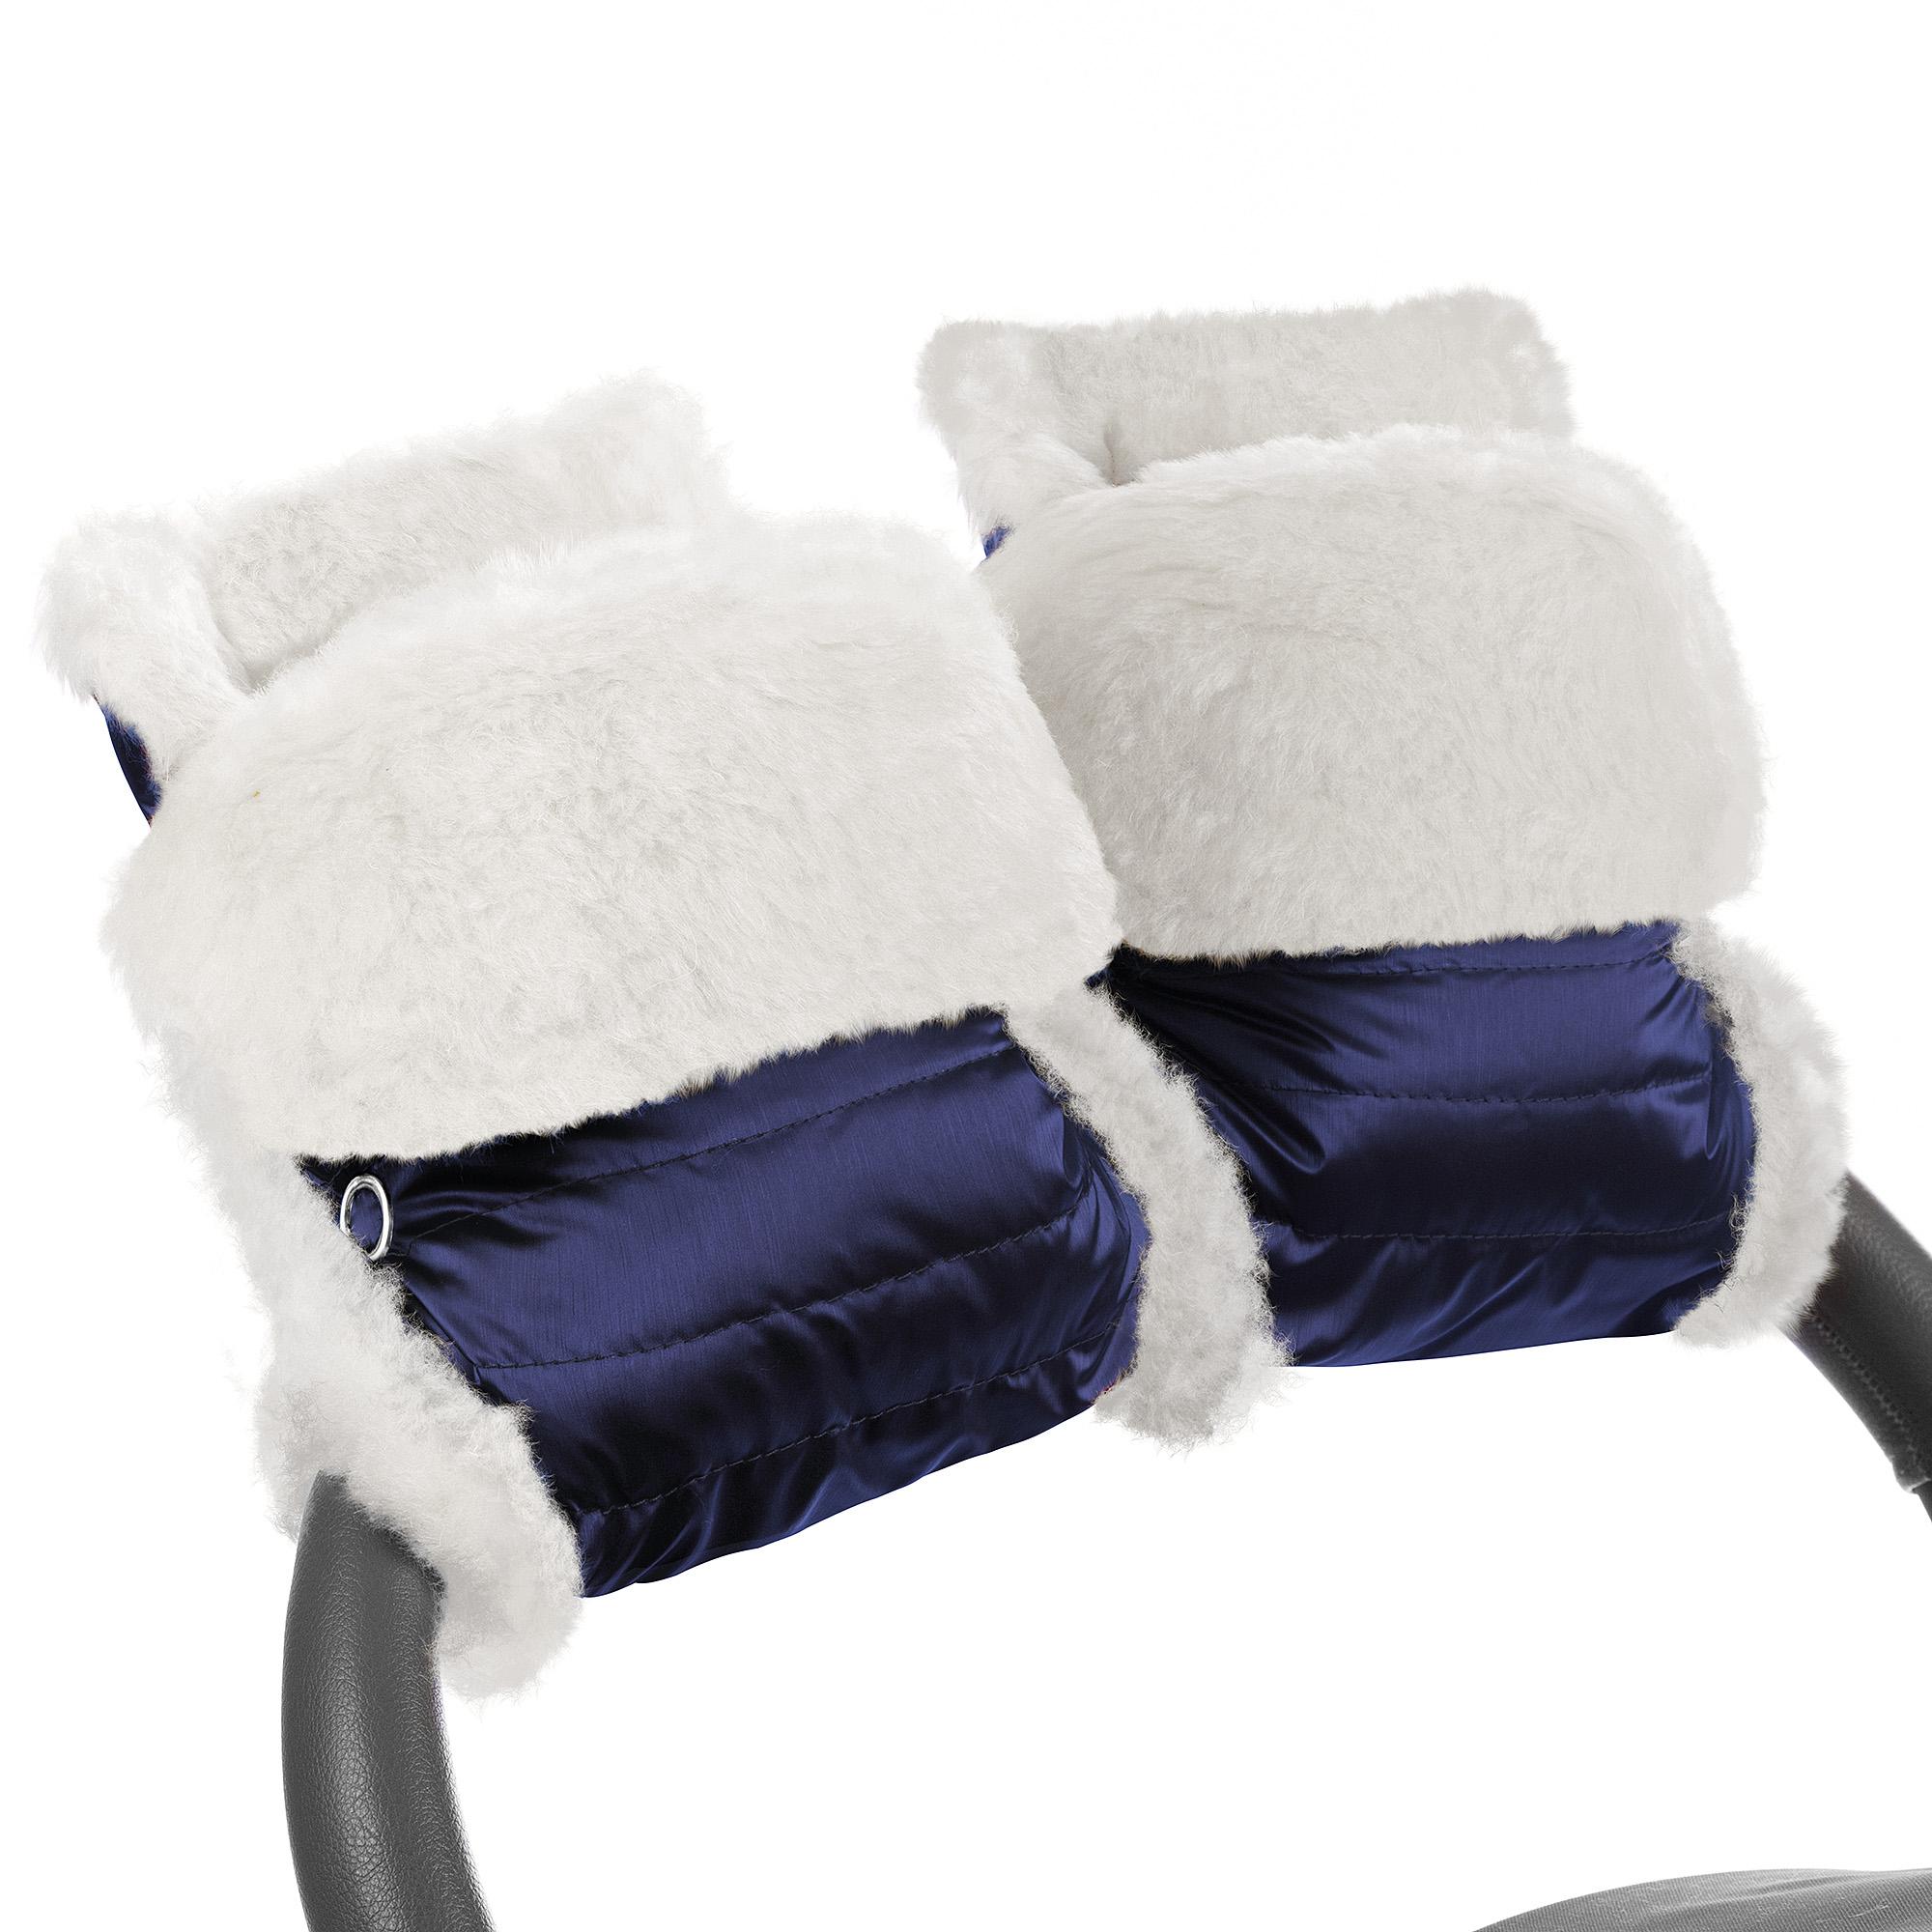 Муфта-рукавички для коляски Esspero Christer Cosmic Натуральная шерсть фото